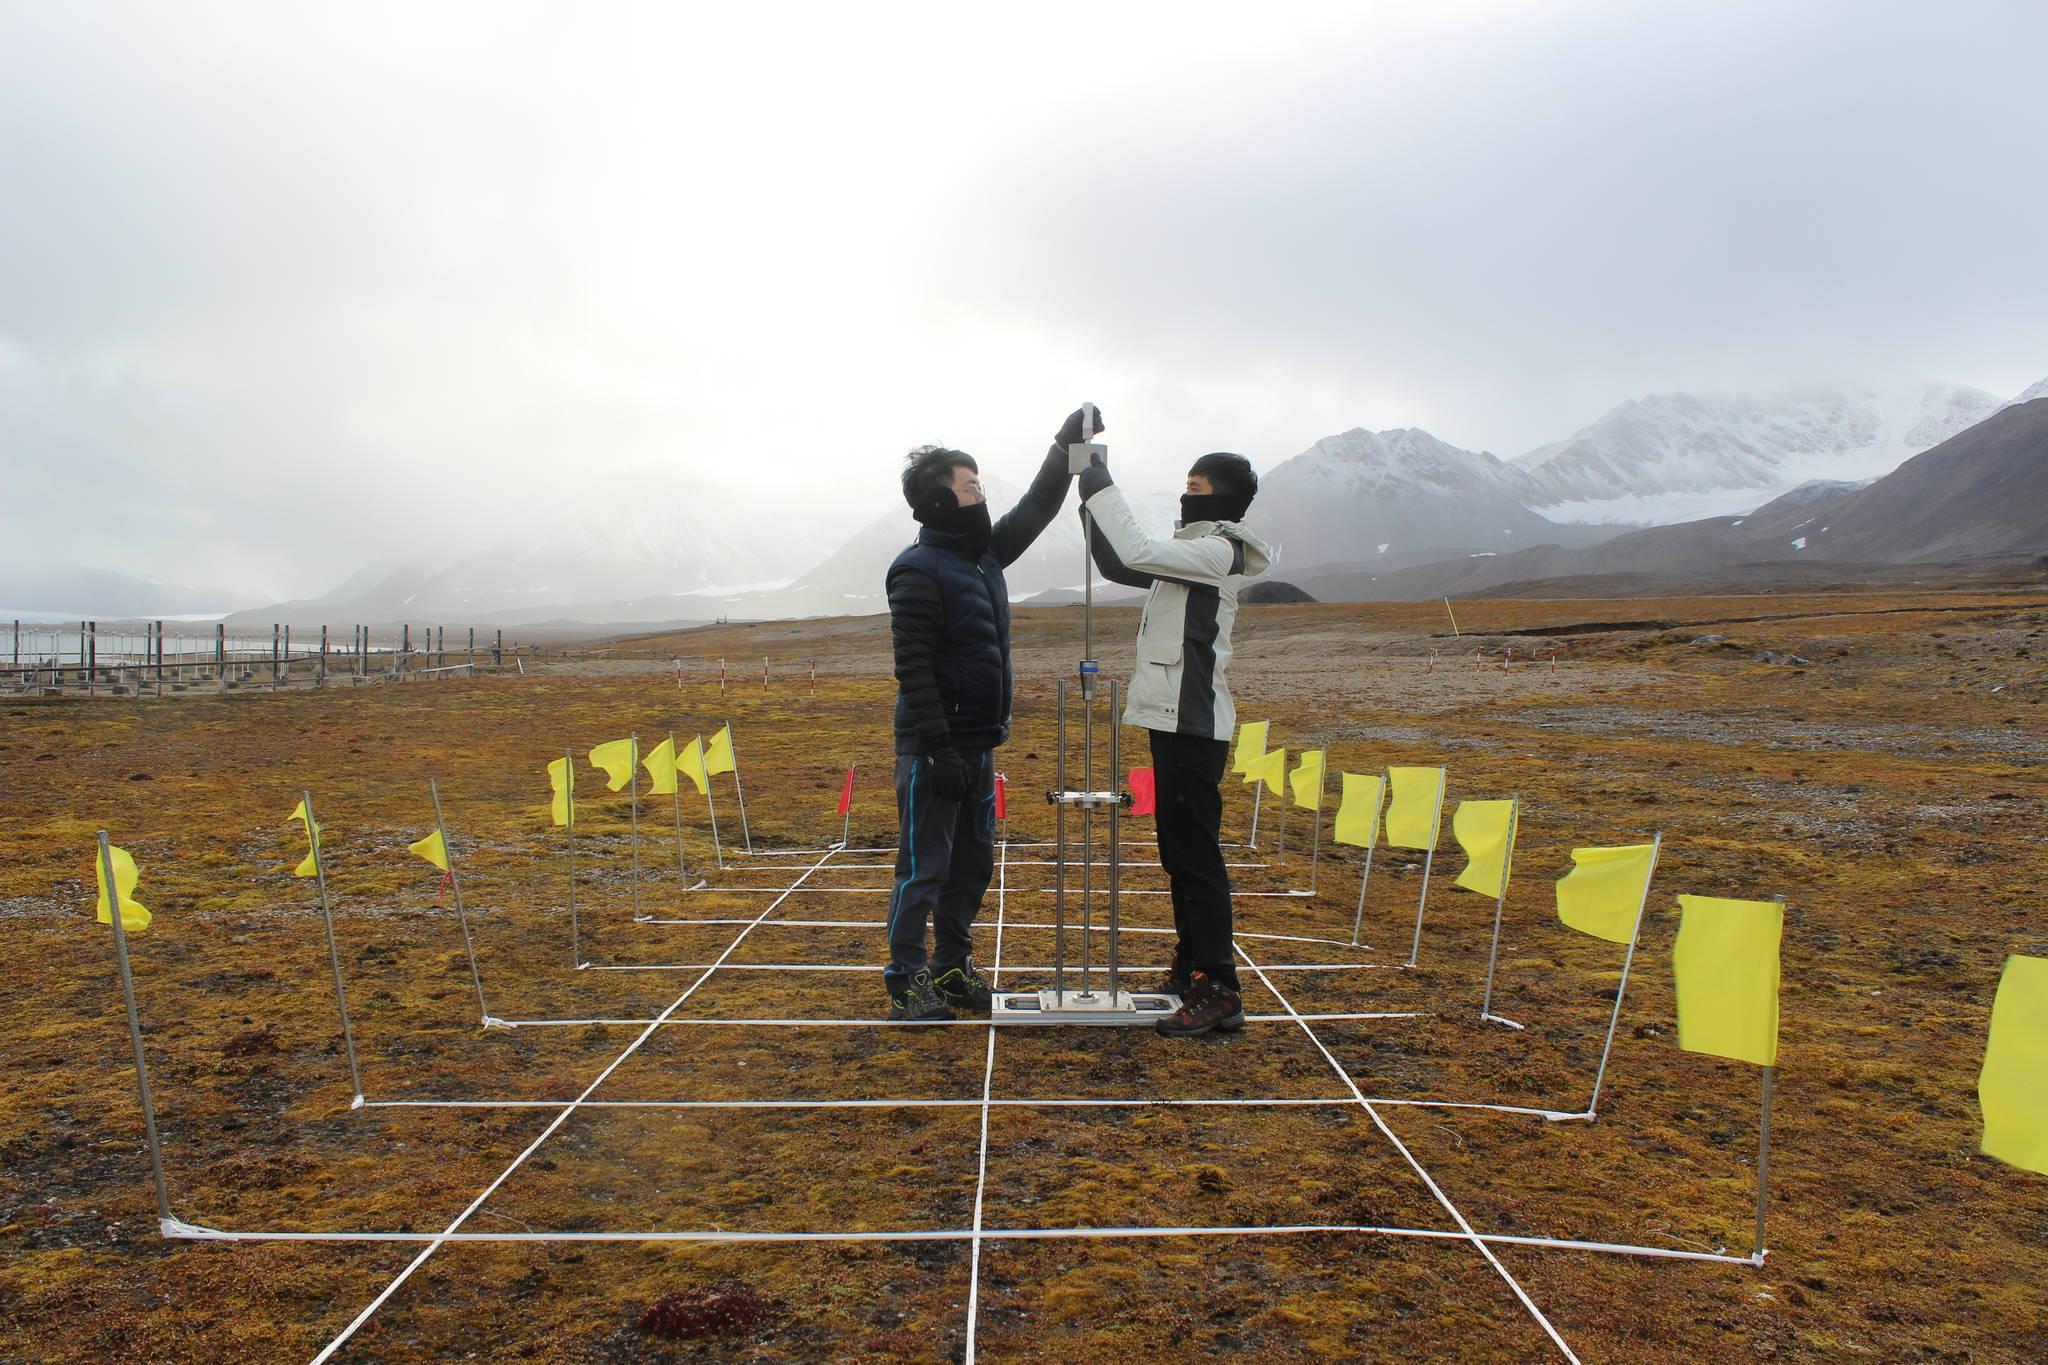 지난달 고려대 건축사회환경공학부 이종섭 교수팀의 대학원생들이 북극다산과학기지에서 지반 조사를 하고 있다. [이종섭 교수]